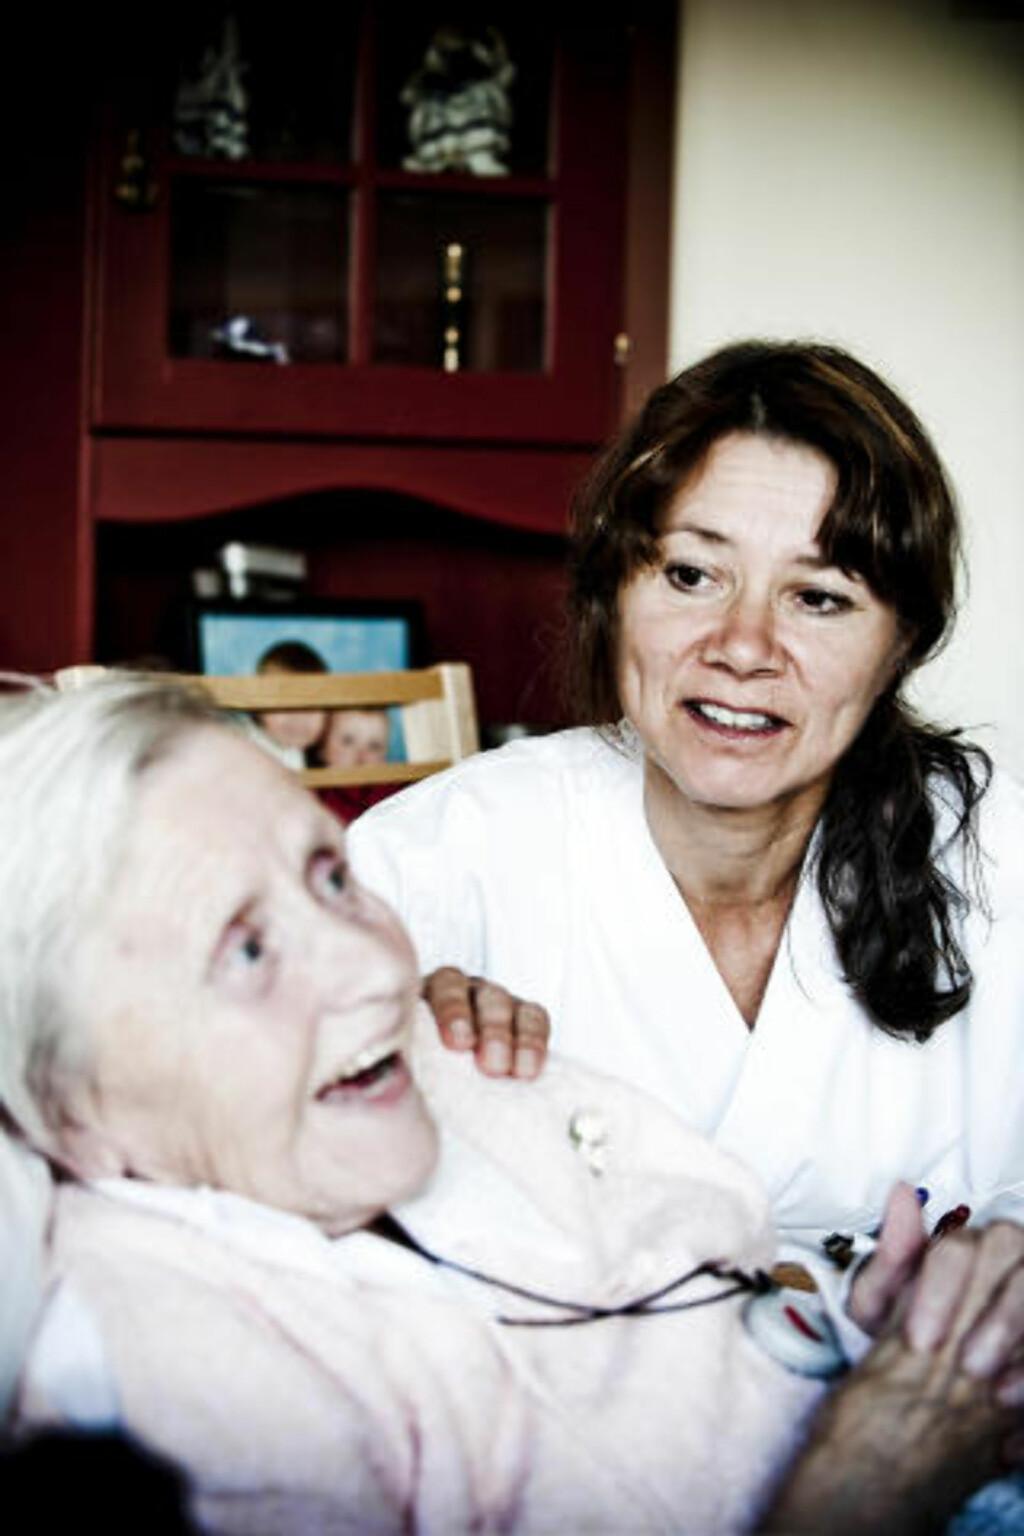 DÅRLIG TID: - Jeg føler at jeg ikke får tid til å gi den hjelpen jeg ønsker, sier sykepleier Heidi Sjøwall (47). Her sammen med pasient Aase M. Ski Carlsen. Foto: THOMAS RASMUS SKAUG